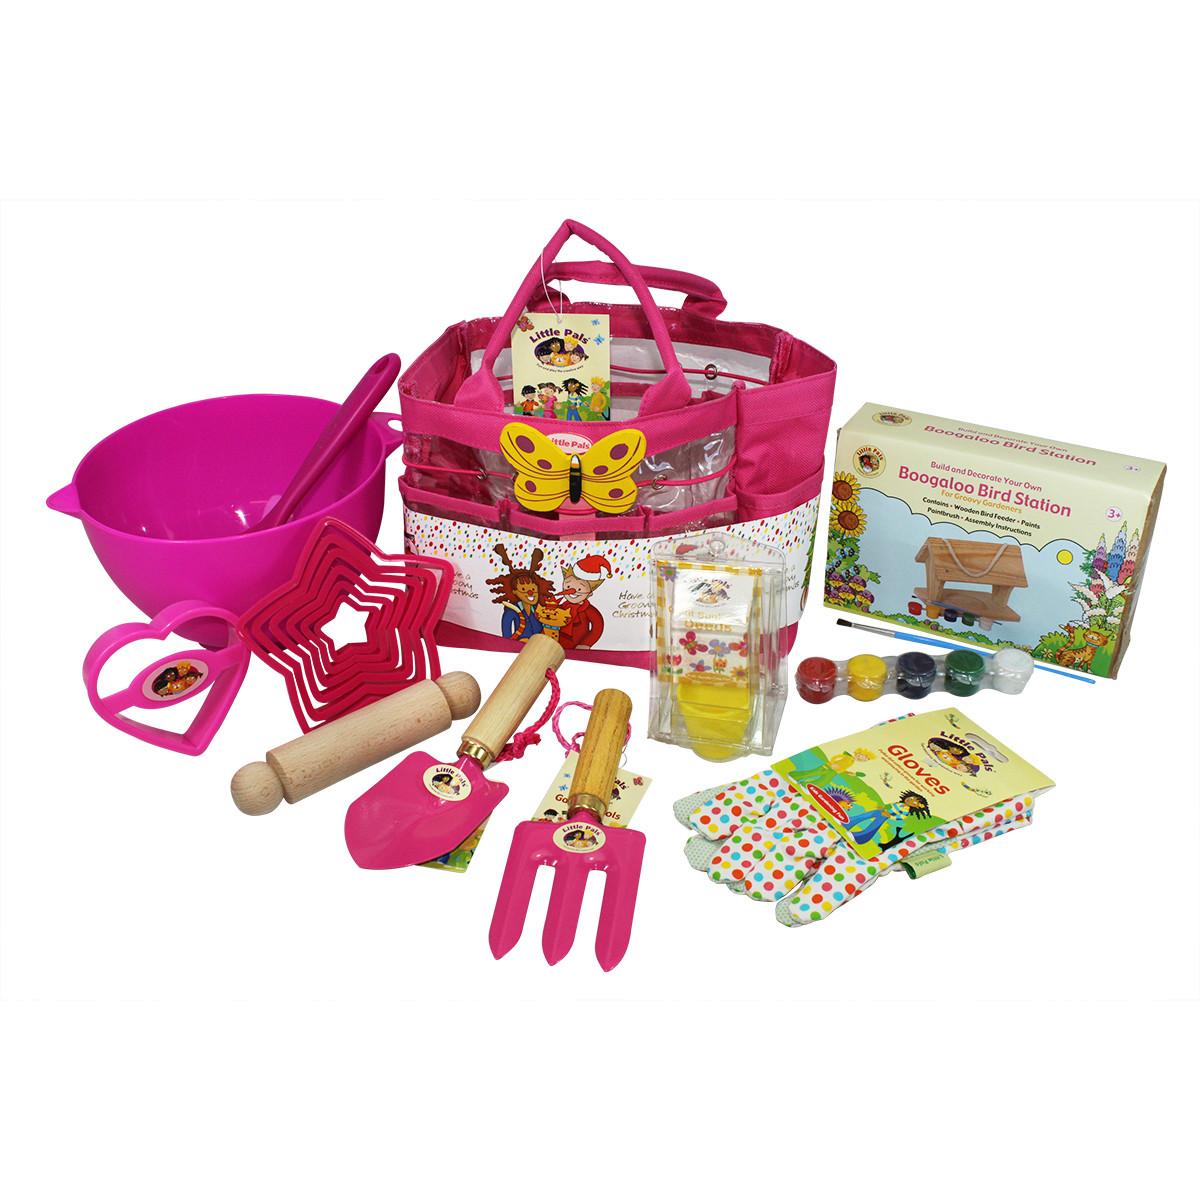 Kids Gift Sets  Santas Sack Christmas Gift Set for Girls